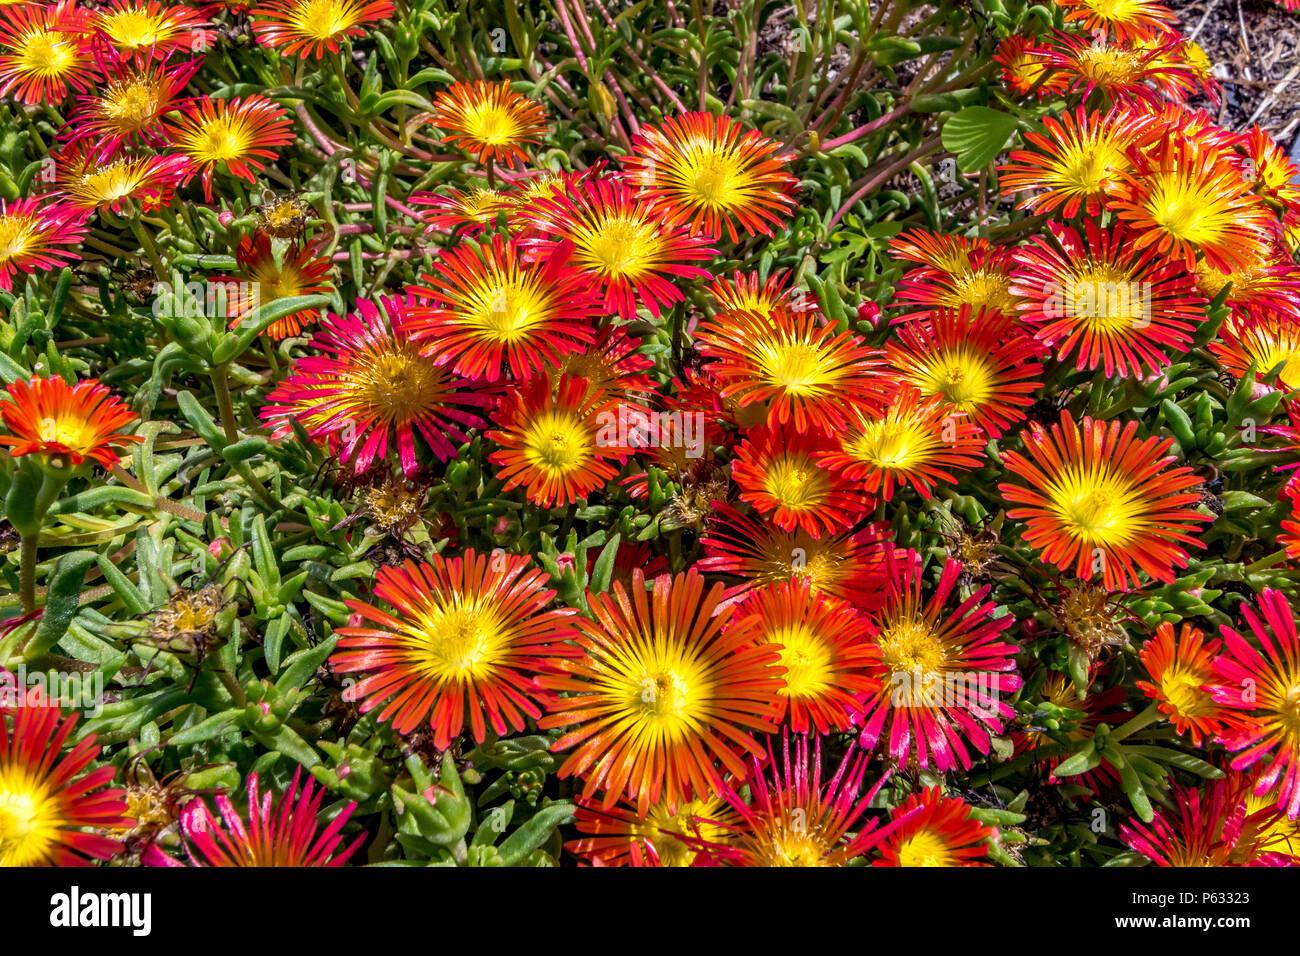 Fiori rossi e gialli di Delosperma Cooperi , Fire meraviglia o ruote di meraviglia Immagini Stock